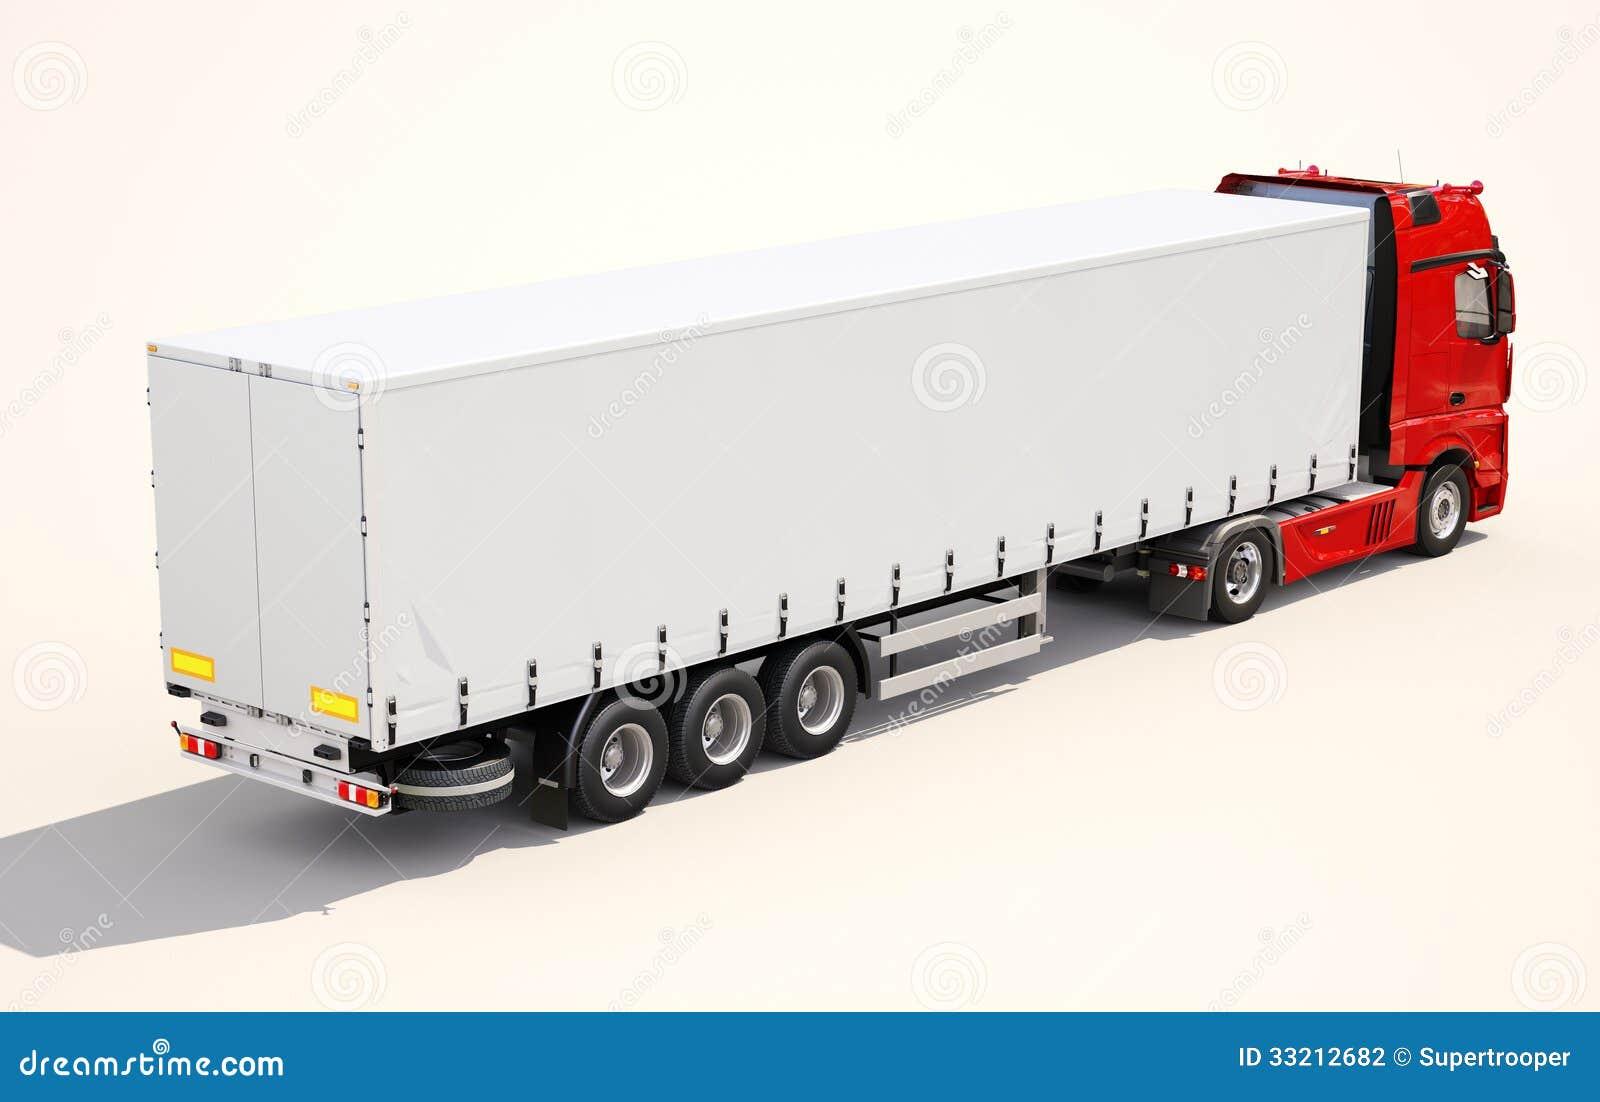 Industribatterier NDC AB är ert oberoende alternativa leverantör av batterier för stationära ändamål eller till AGV, Automatiska truckar.